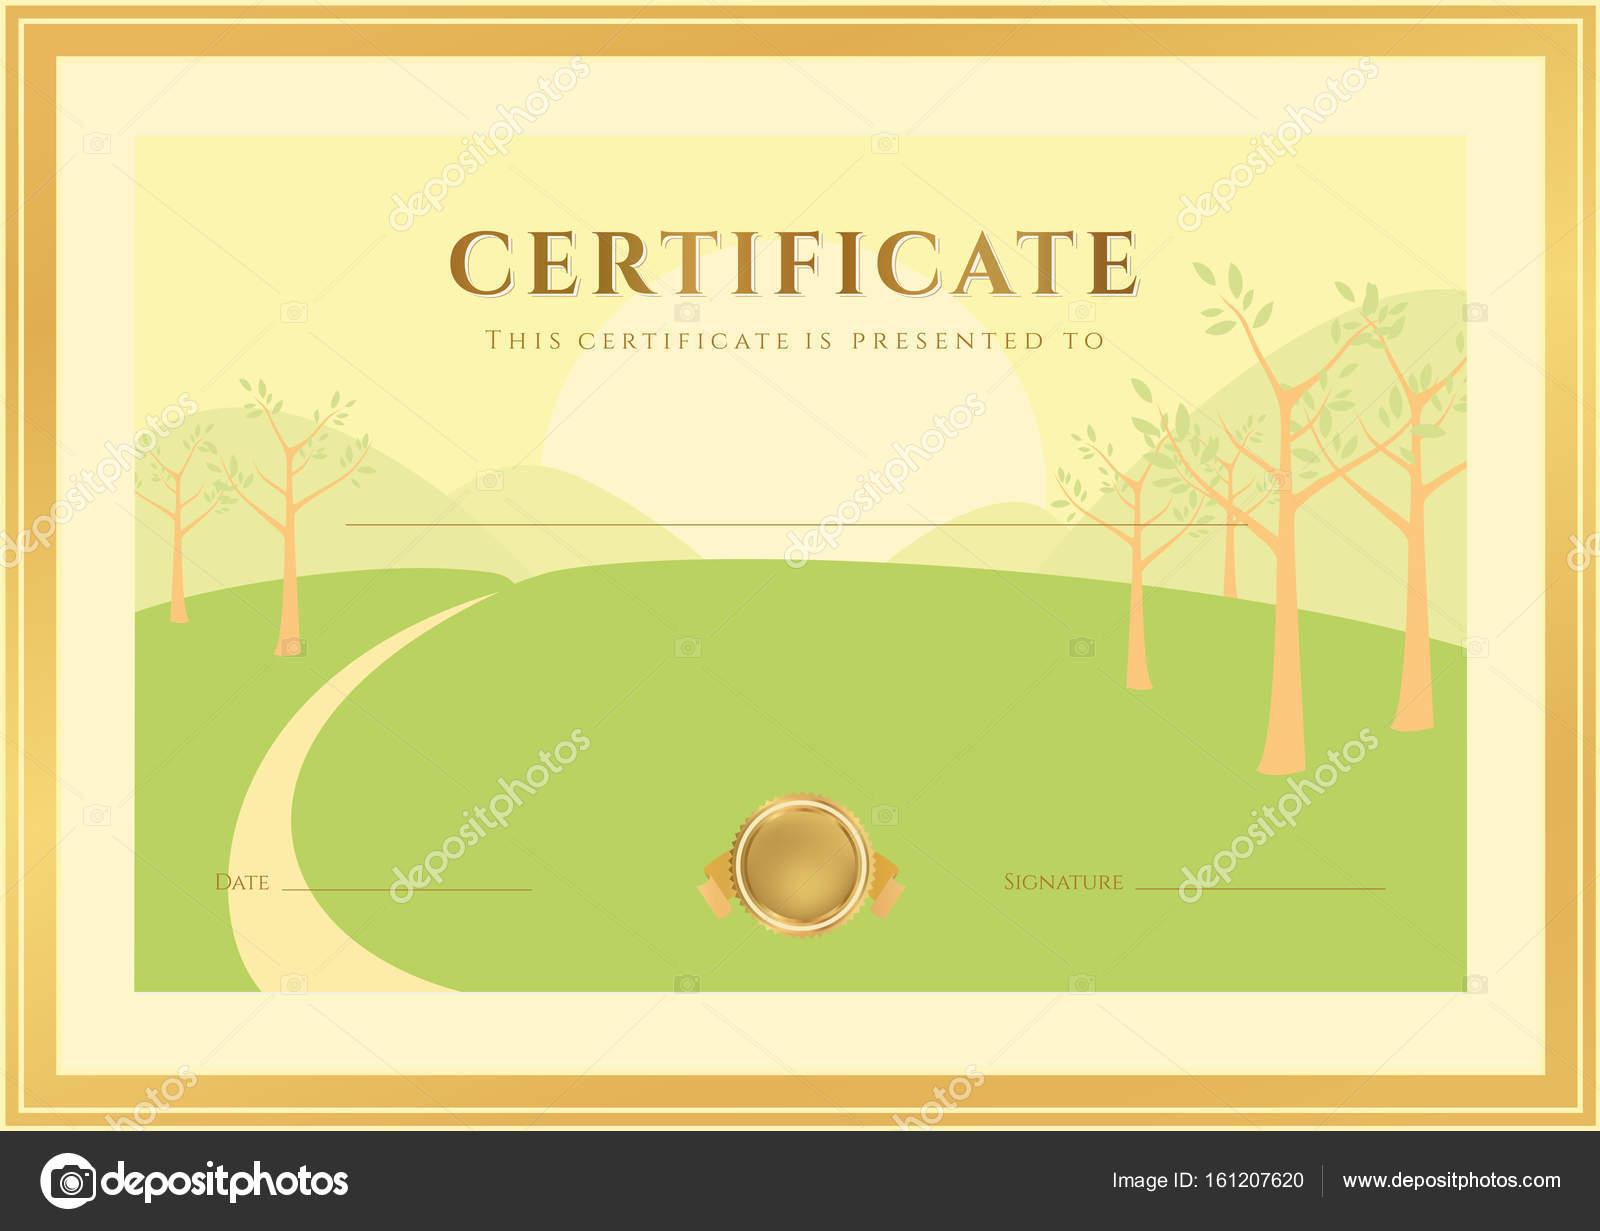 Horizontale Abschlusszertifikat (Vorlage) mit Wald-Hintergrund (für ...